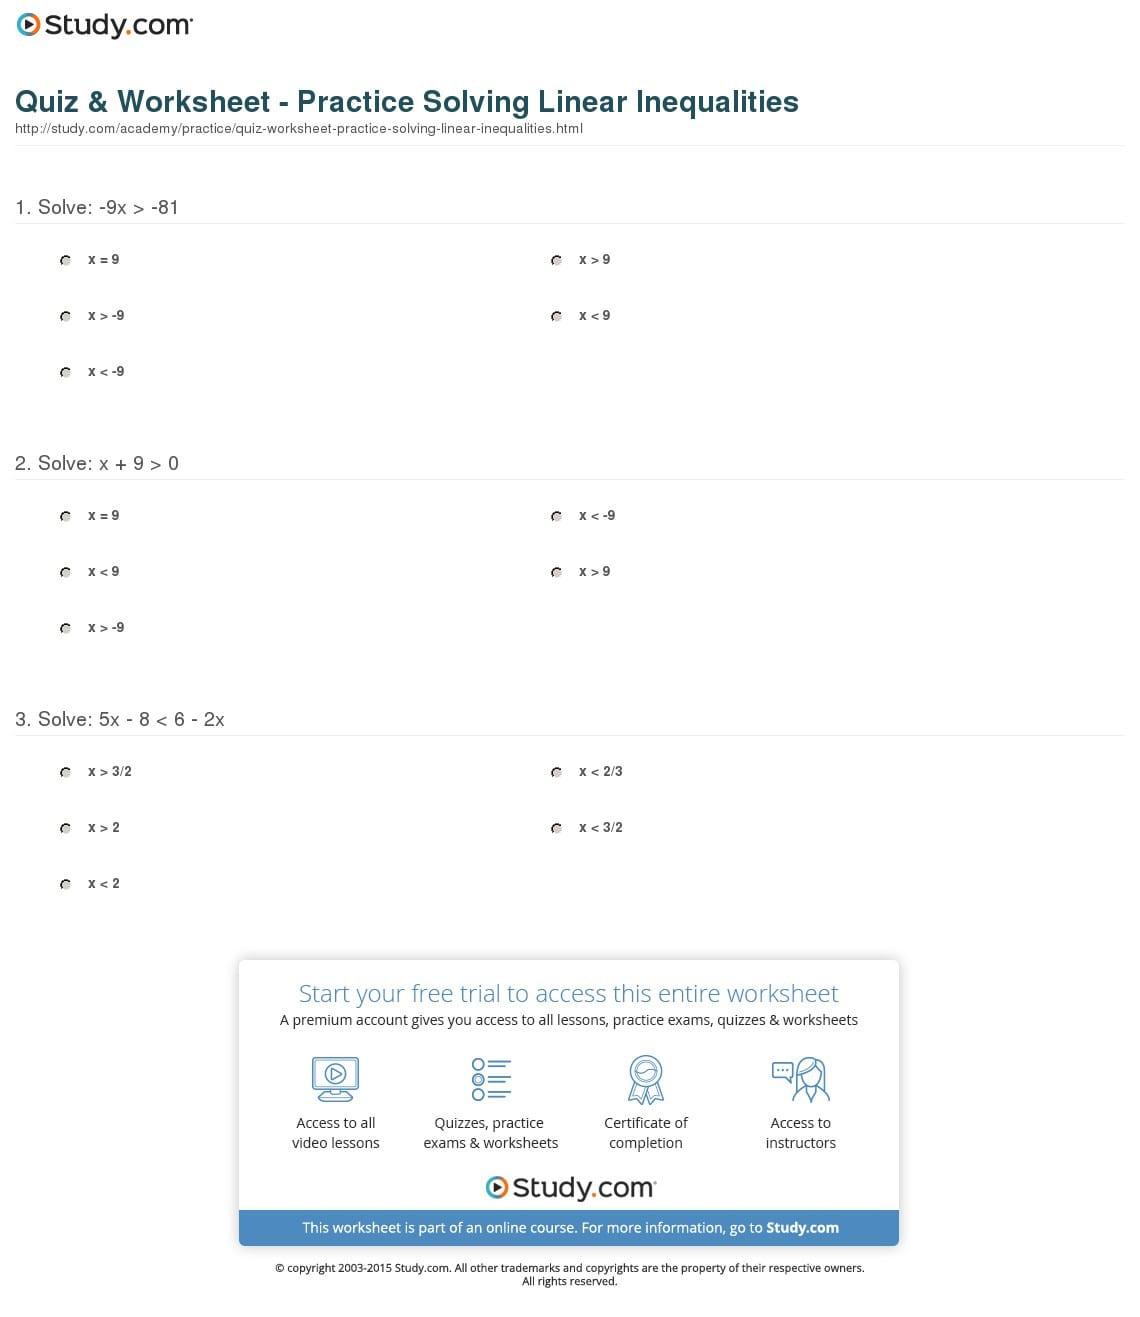 Quiz Worksheet Practice Solving Linear Inequalities